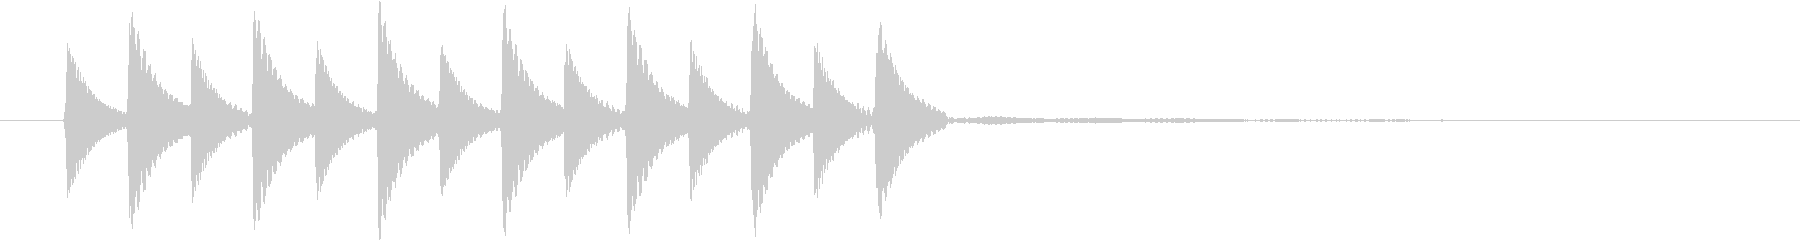 かわいらしいアラーム音の未再生の波形